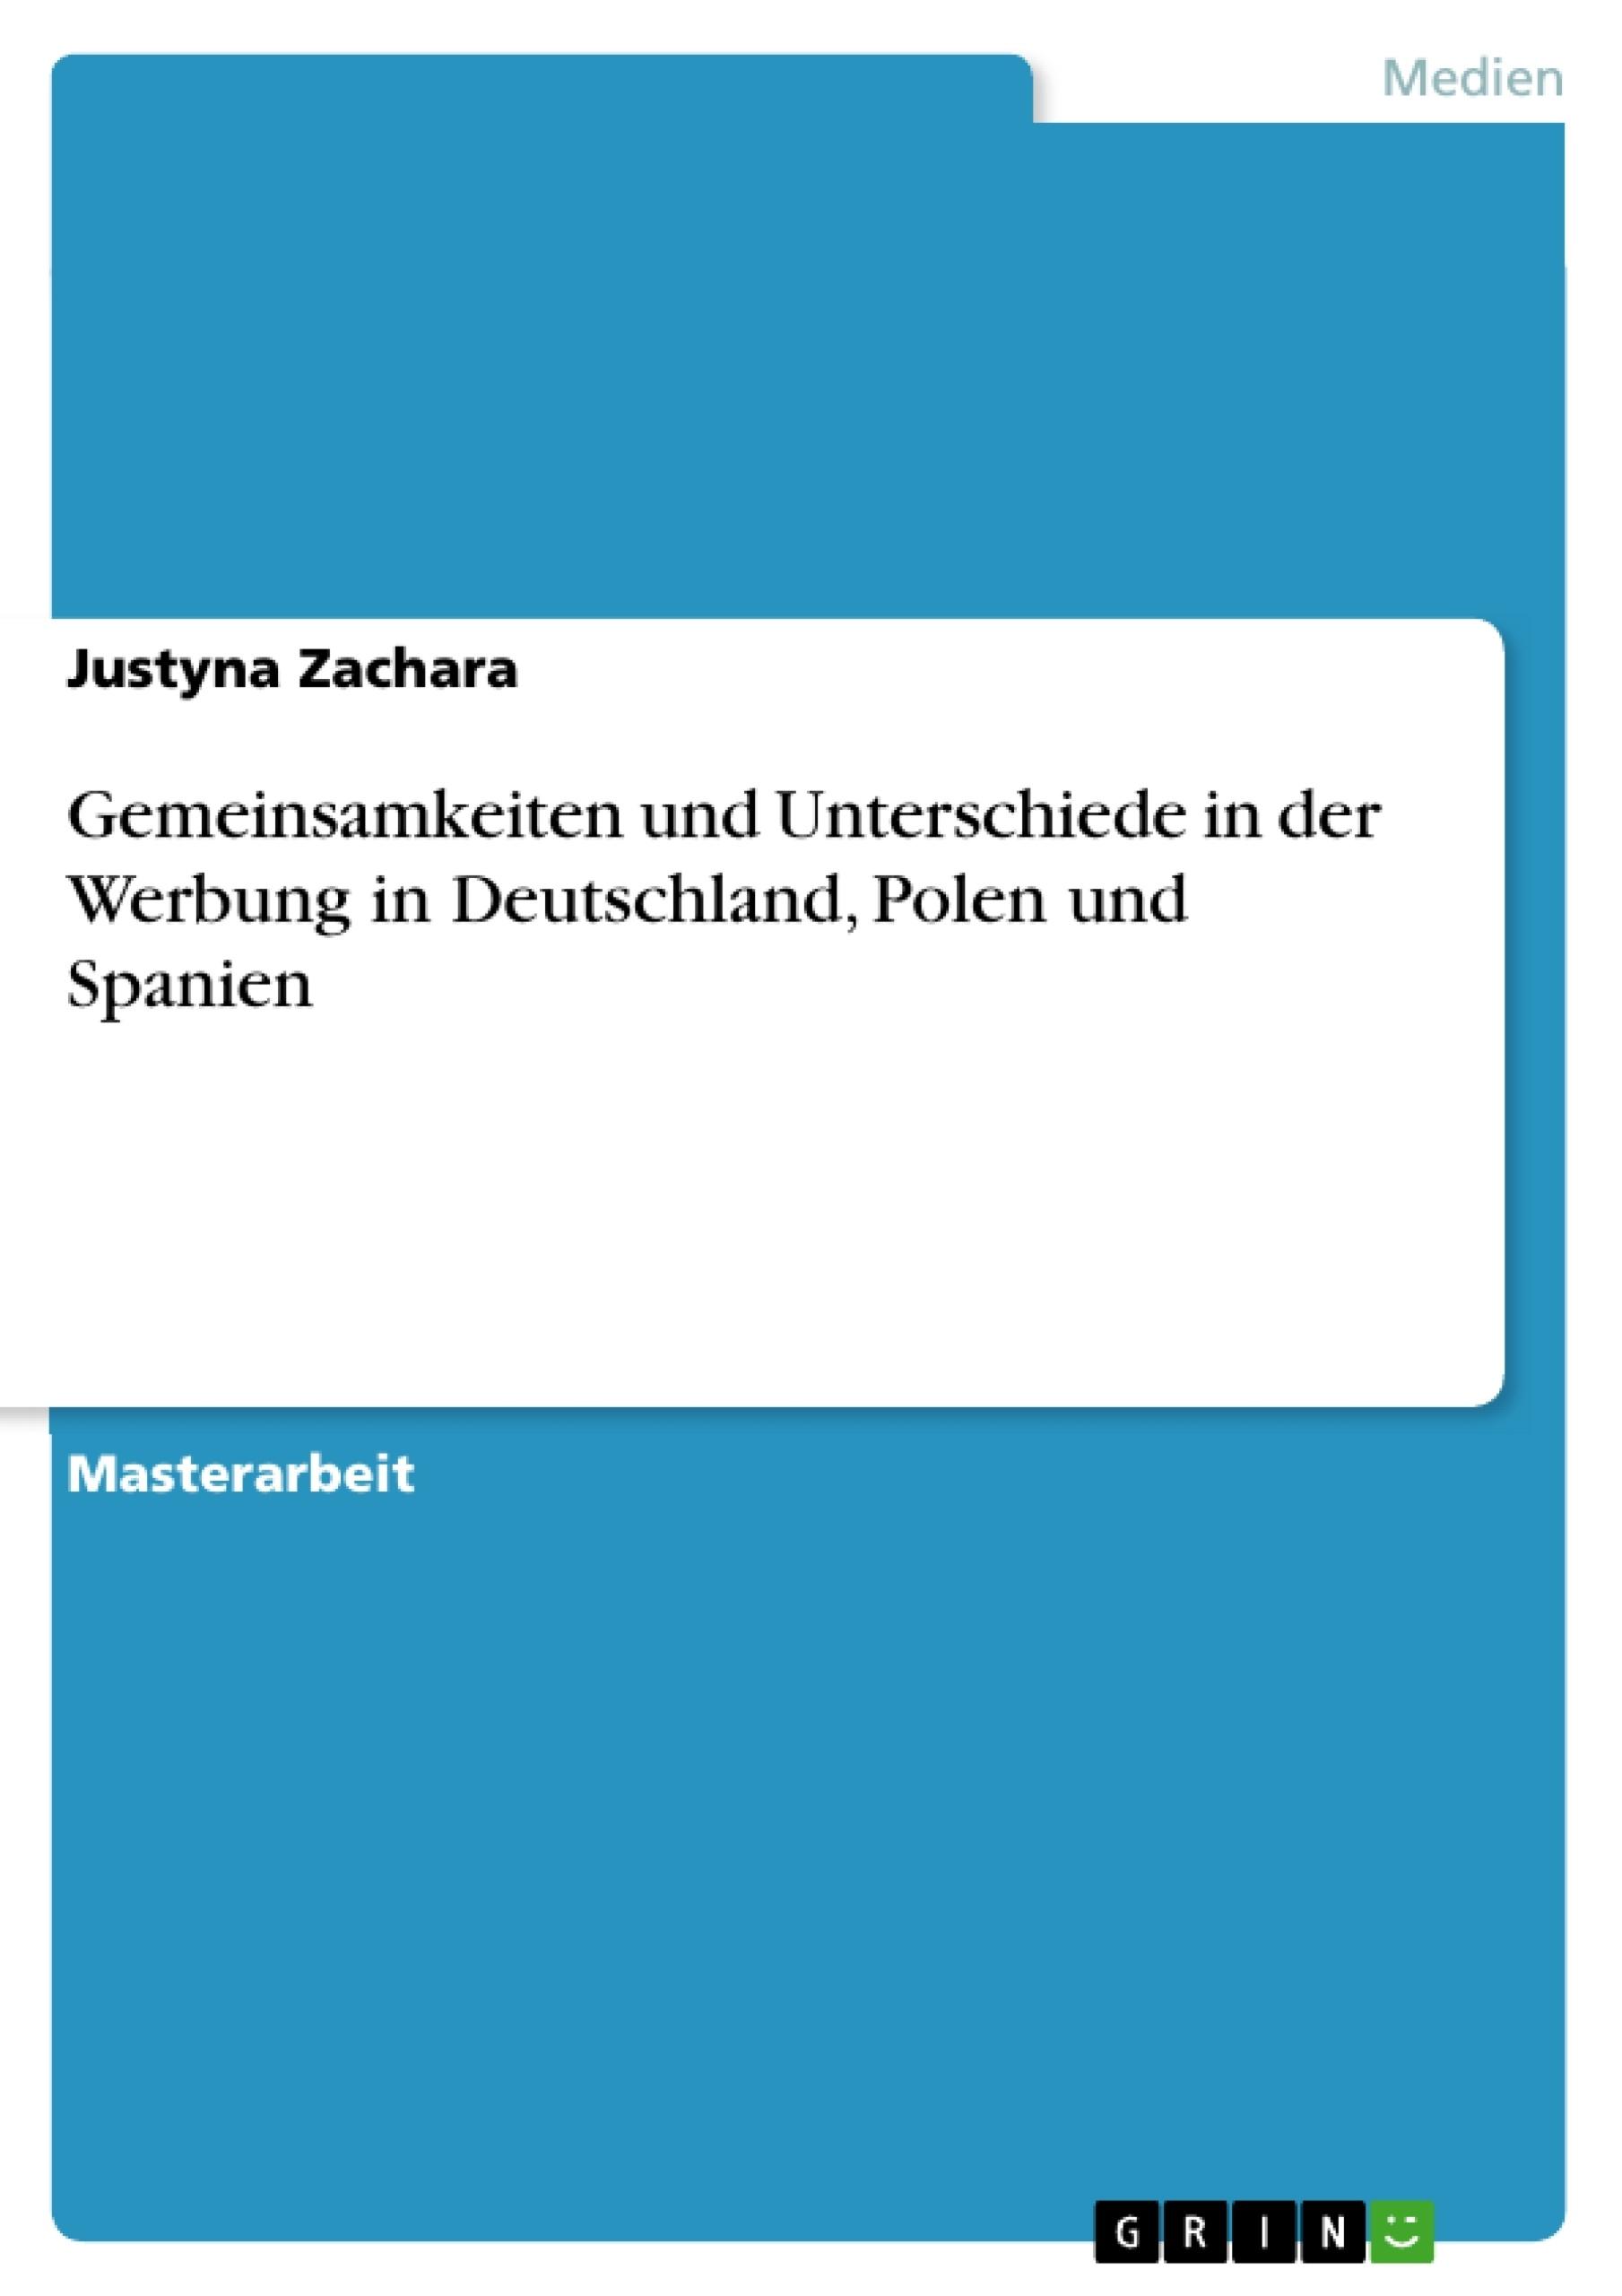 Titel: Gemeinsamkeiten und Unterschiede in der Werbung in Deutschland, Polen und Spanien